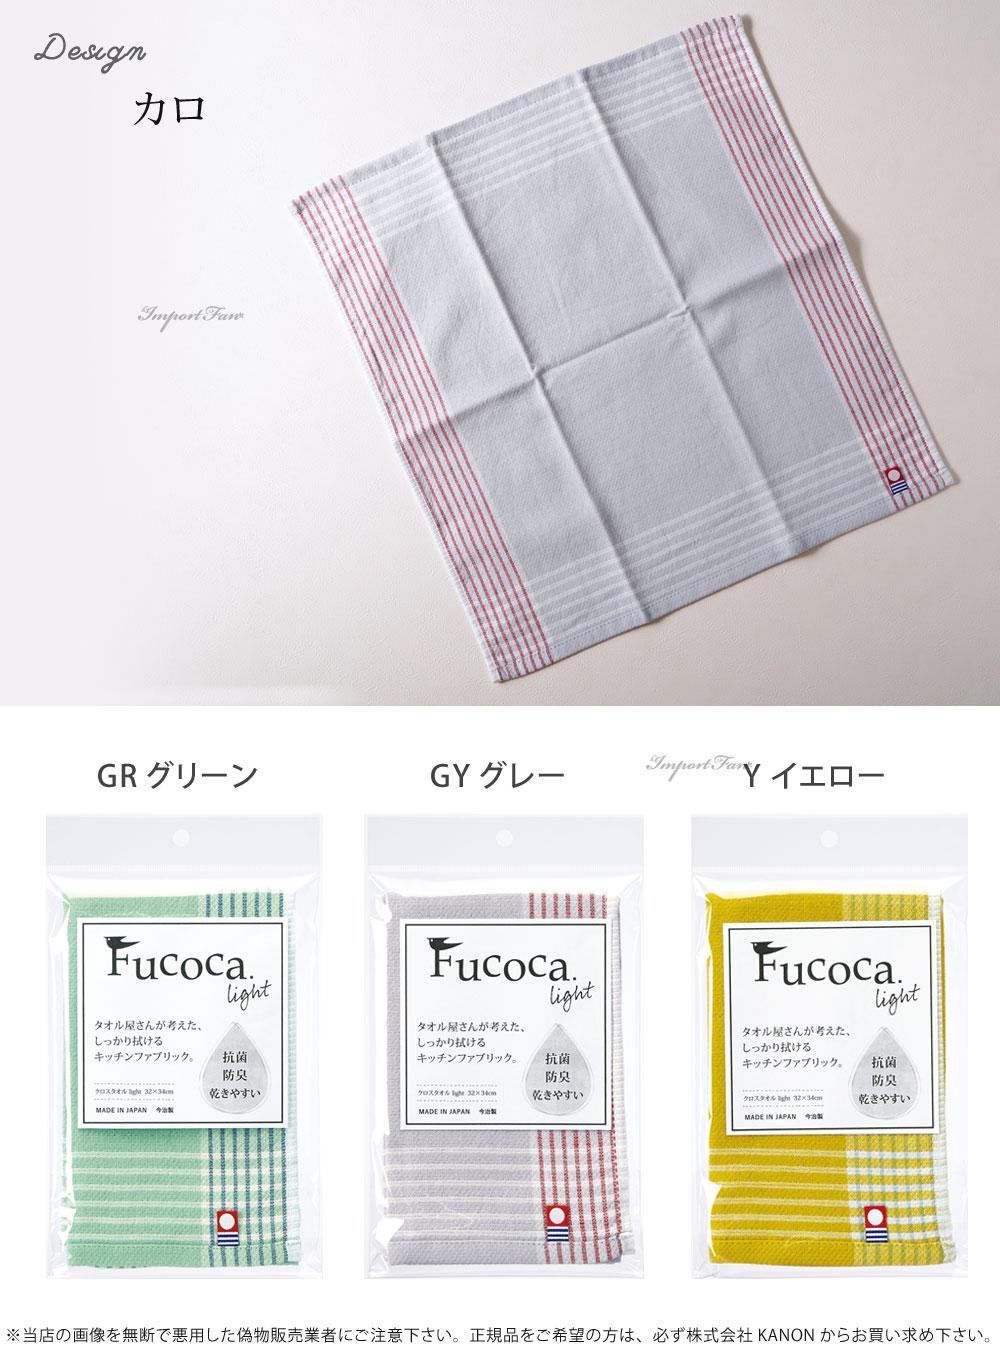 キッチンクロス Fucoca キッチンタオル ふきん 布巾 日本製 今治タオル 抗菌 防臭 かわいい おしゃれ 北欧